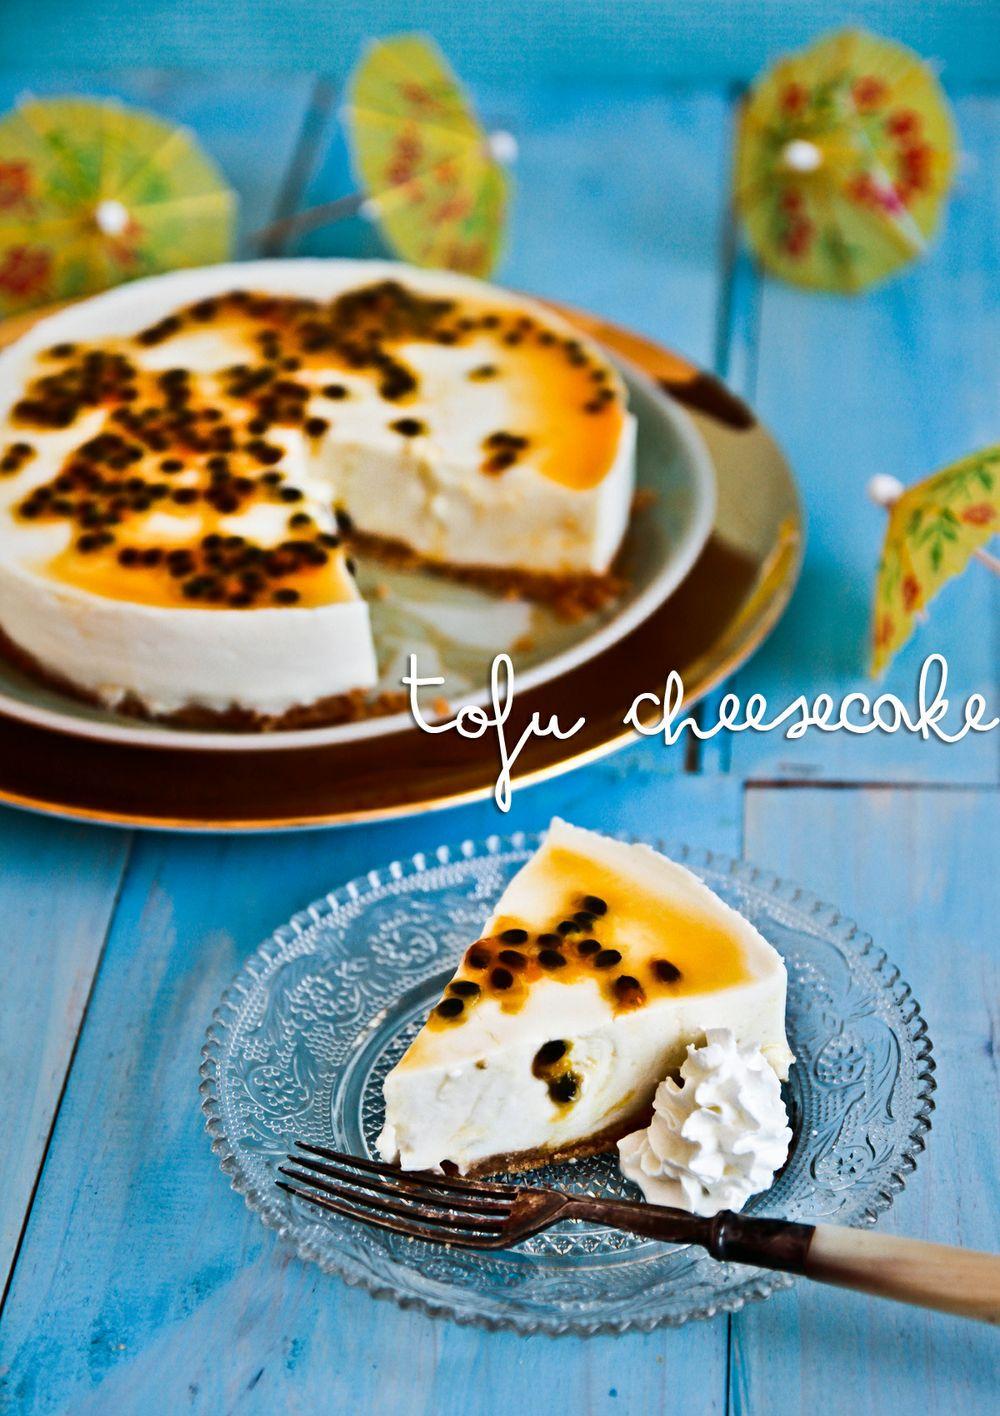 m-dairy-free-cheesecake-3-3